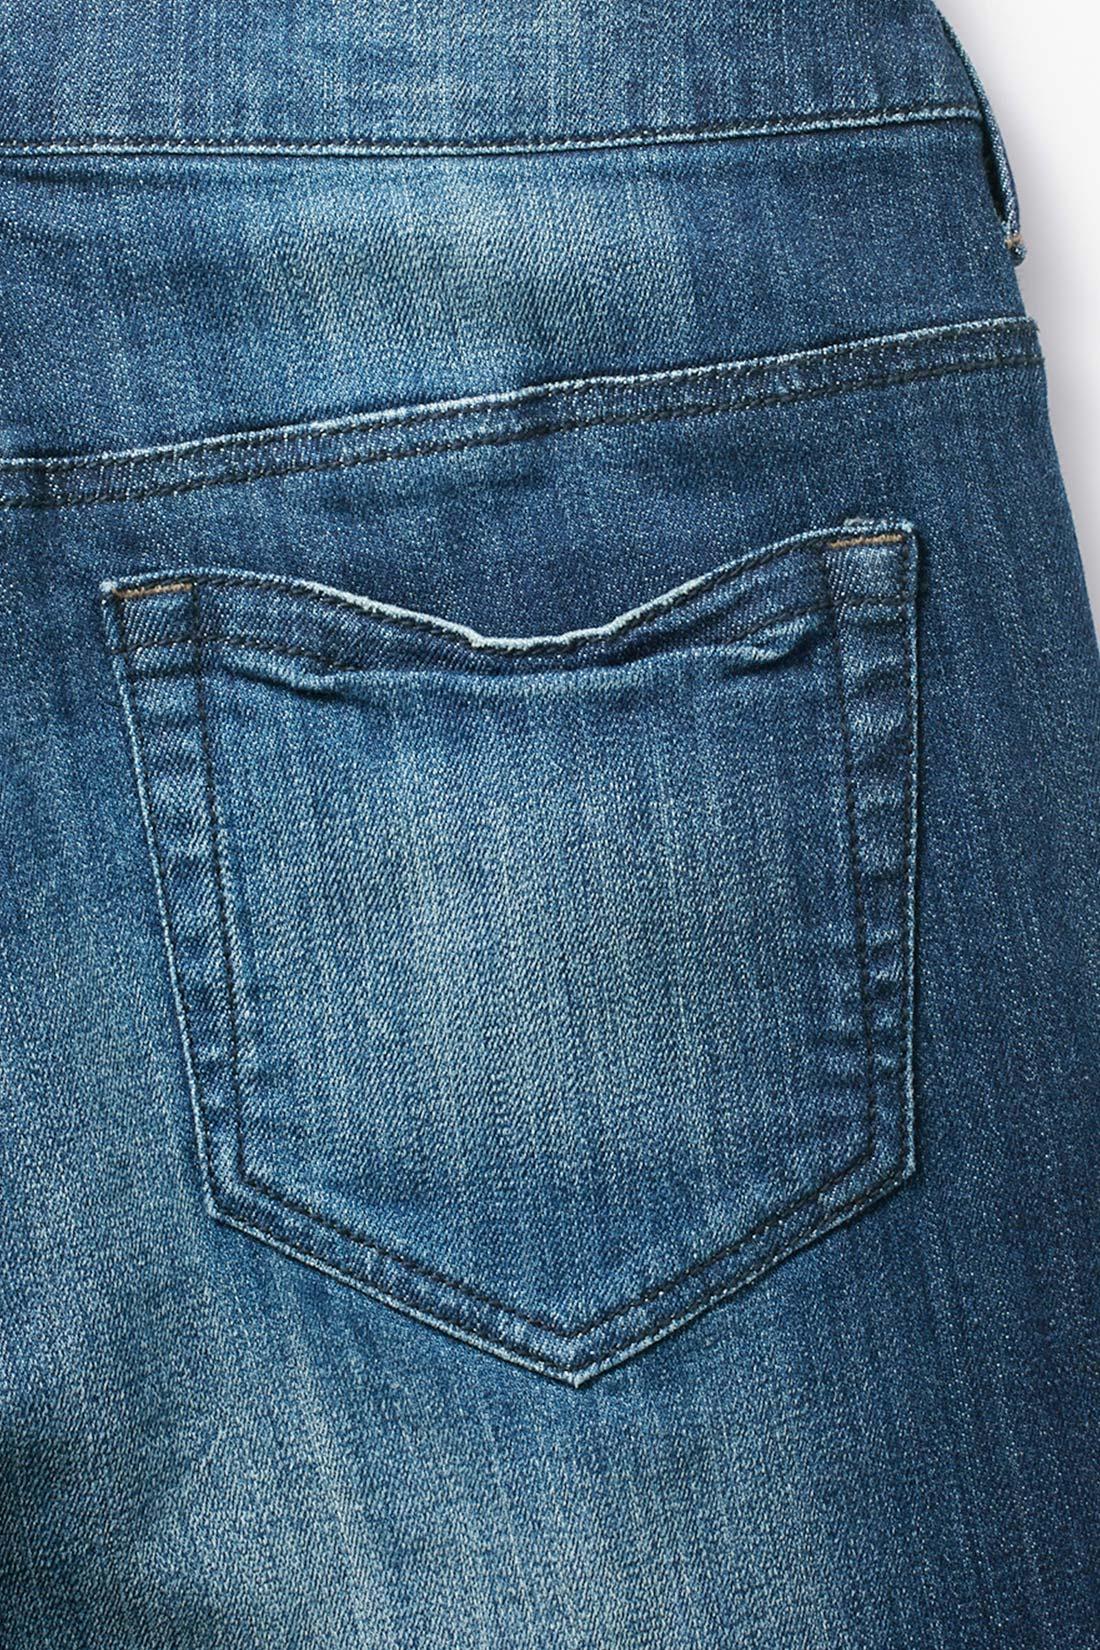 後ろポケットにもヴィンテージ加工 長くはき込んだような生地の擦れやアタリ、色落ちだけでなく形状まで、風合いたっぷり。 ※お届けするカラーとは異なります。